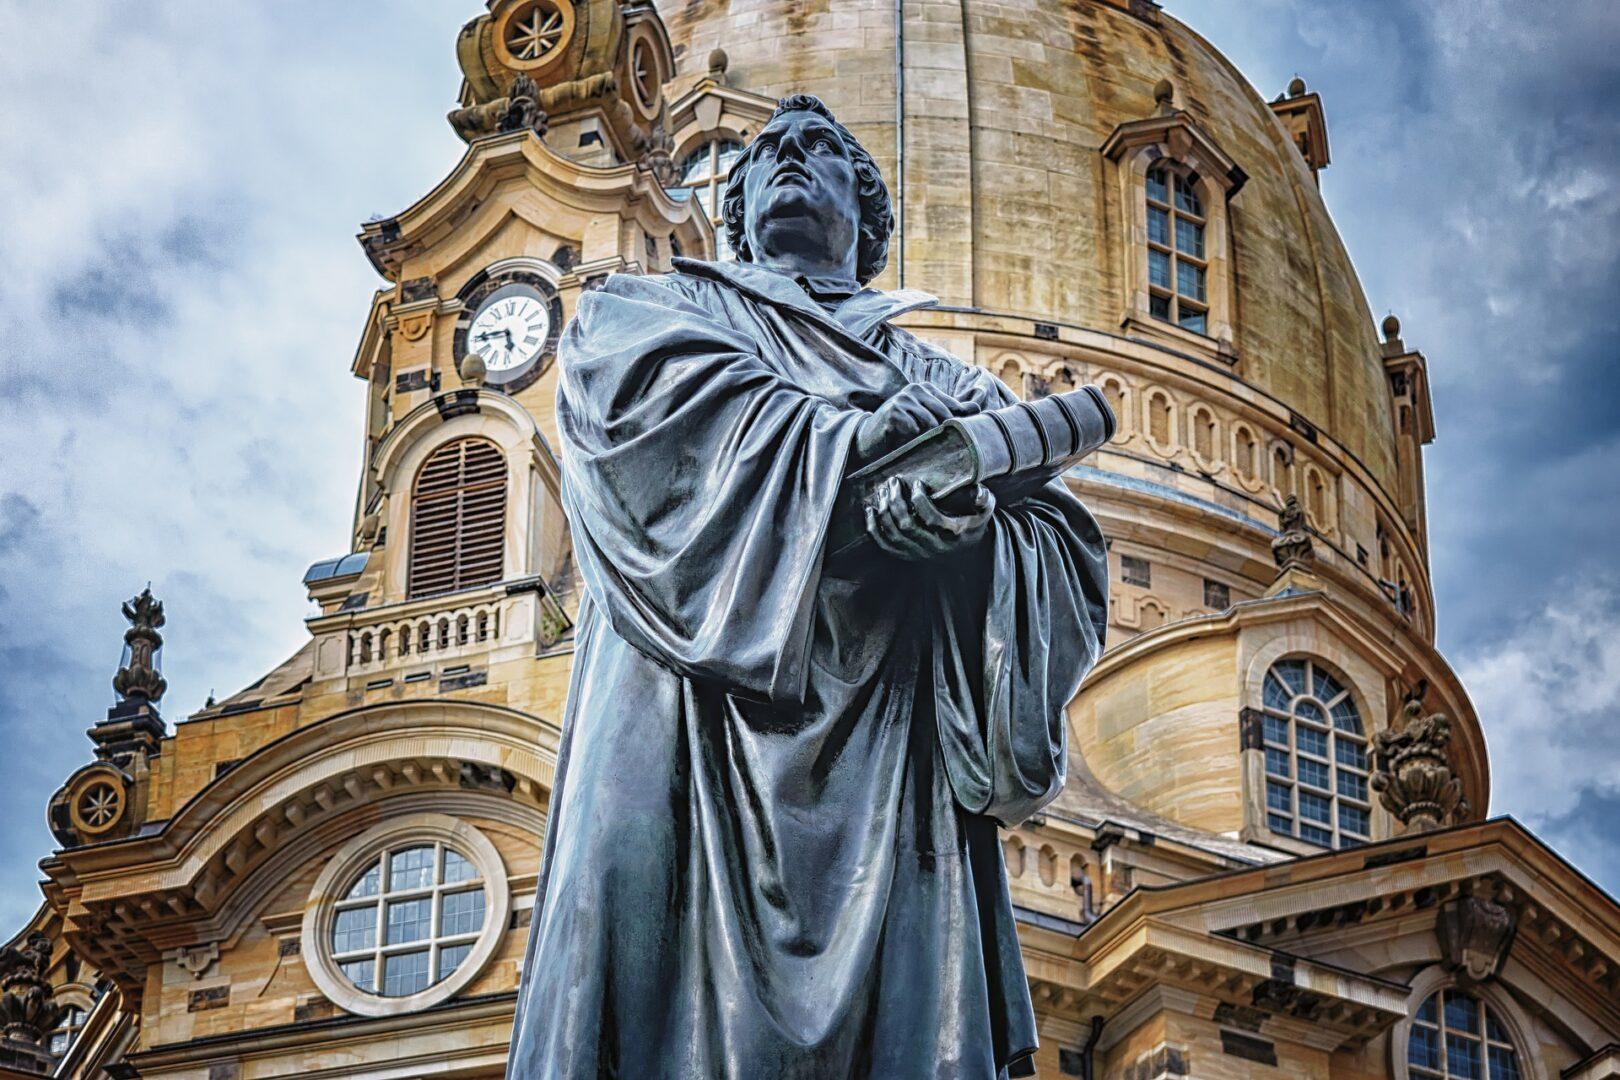 Drugi veliki razkol je povzročil Martin Luther, ki je leta 1517 poslal svojemu škofu Albertu Brandenburškemu znamenitih 95 tez, v katerih je izražal pomisleke zoper takratni nauk o odpustkih in predlagal reformo Cerkve.